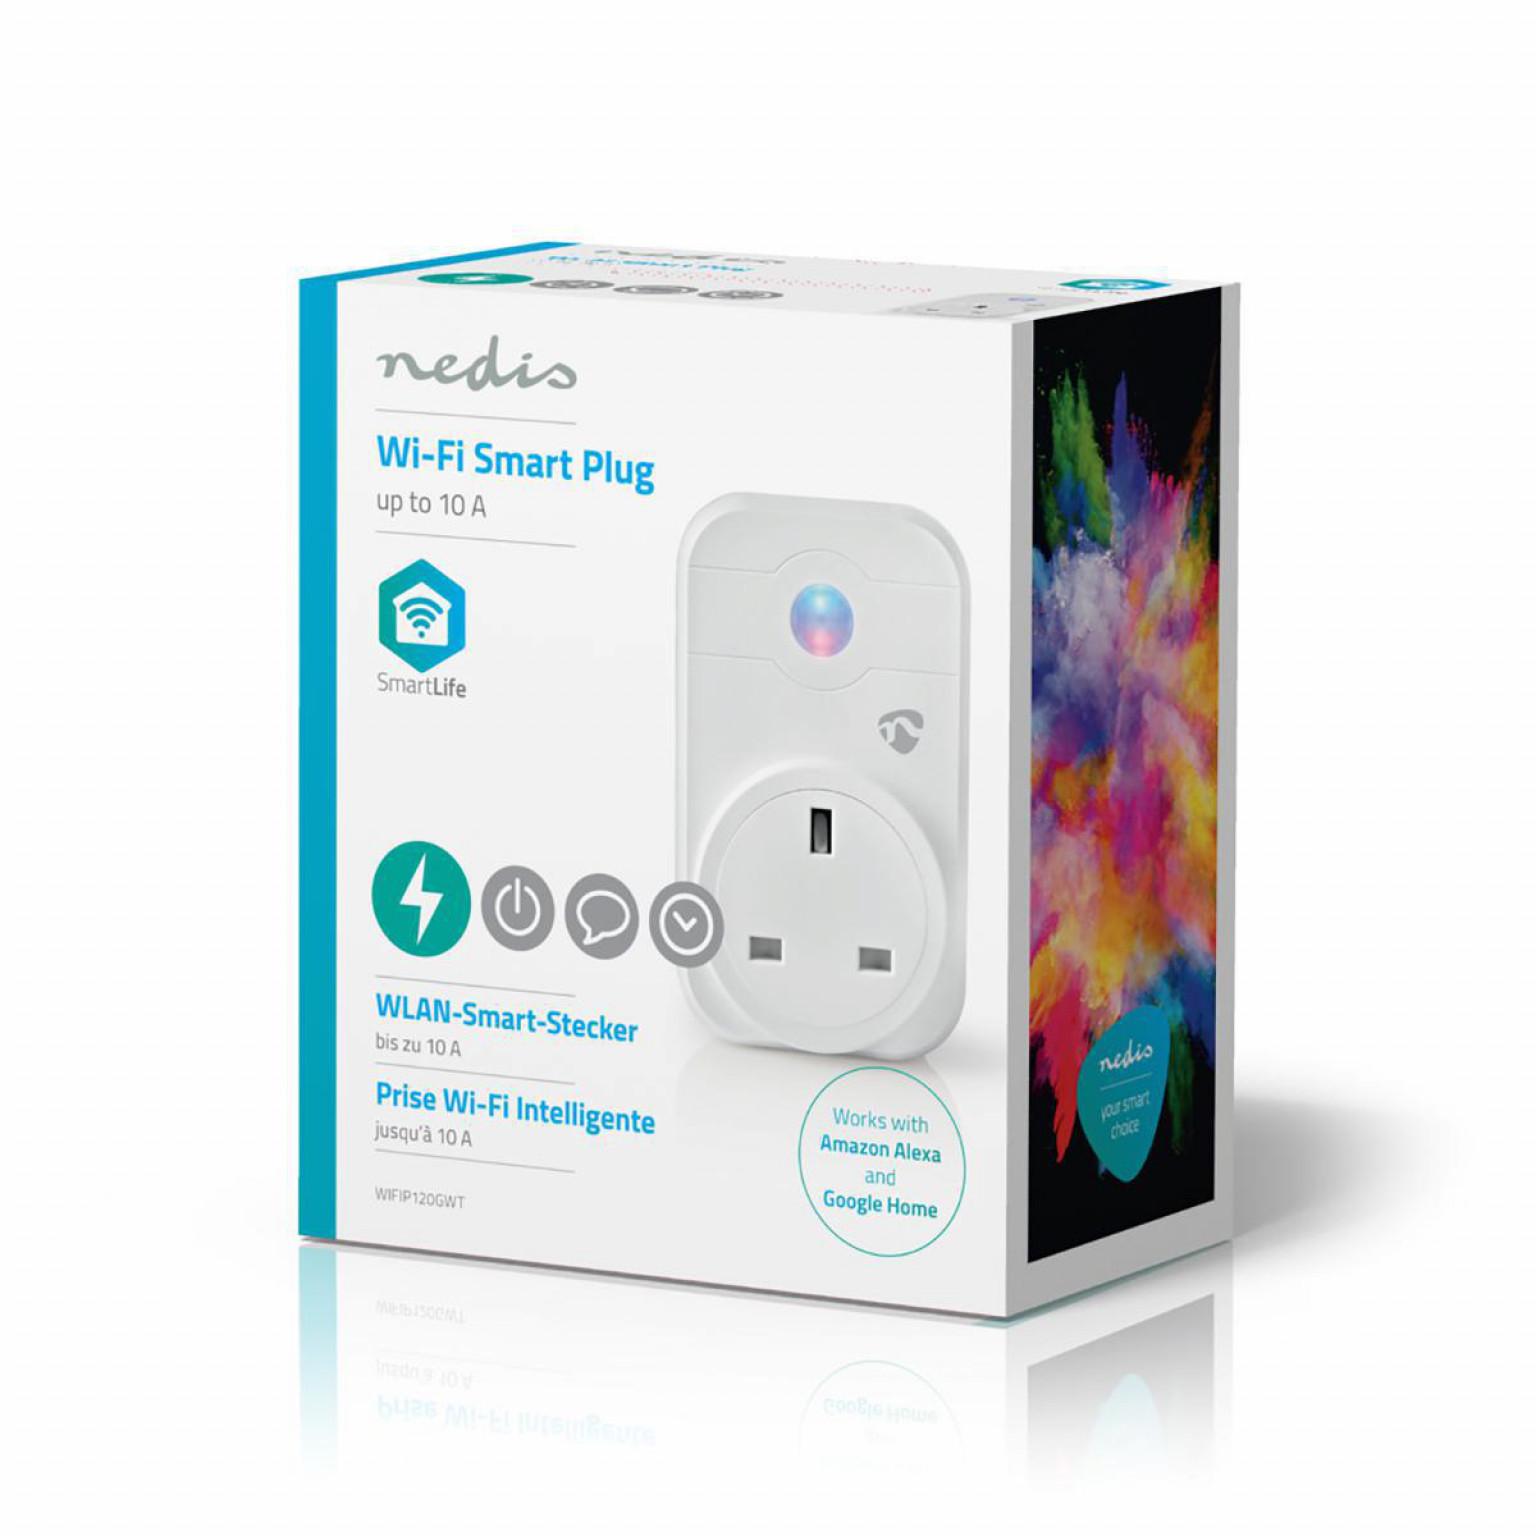 Nedis WiFi Smart Plug